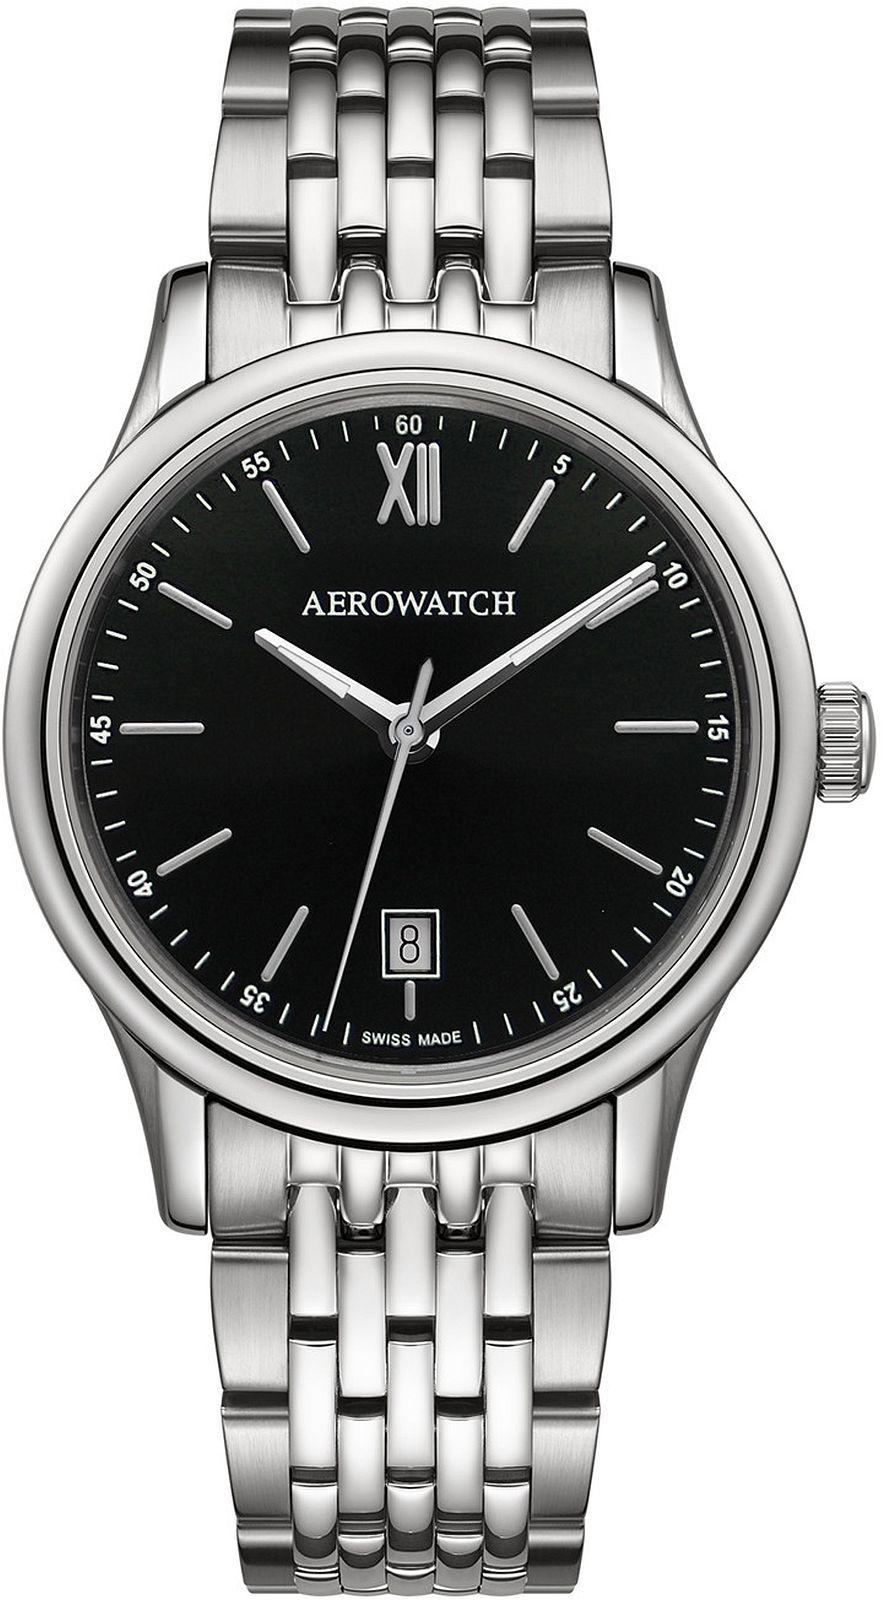 Aerowatch 24962-AA03-M > Wysyłka tego samego dnia Grawer 0zł Darmowa dostawa Kurierem/Inpost Darmowy zwrot przez 100 DNI